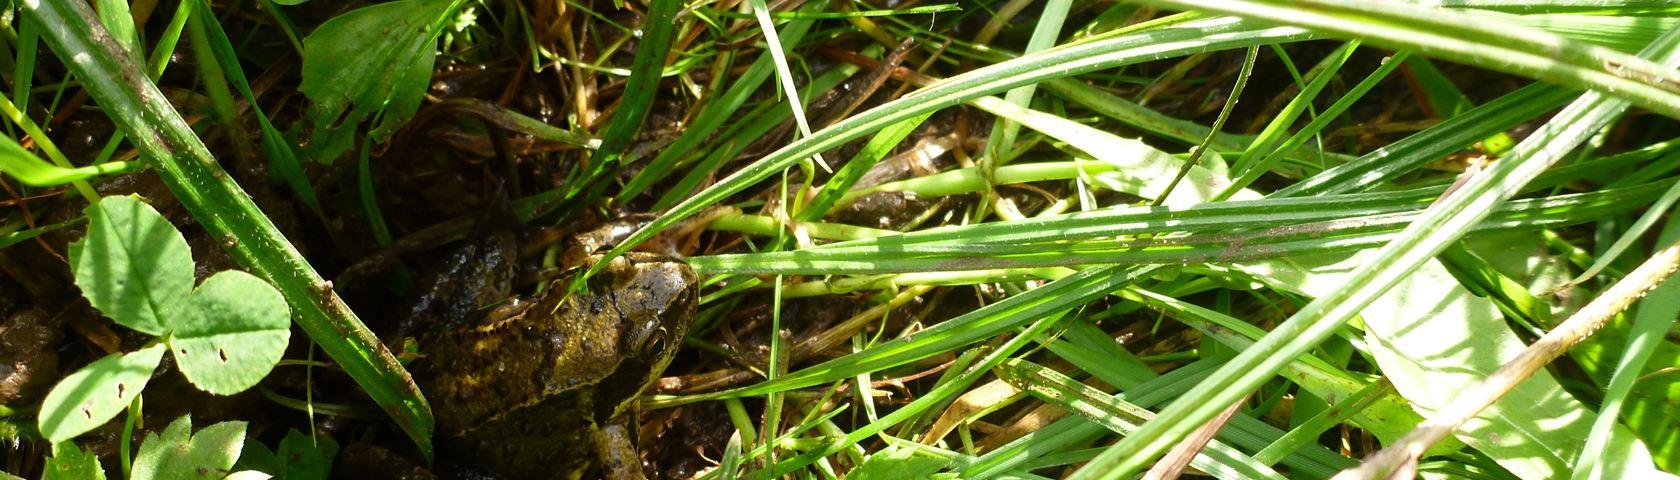 Hiding Frog